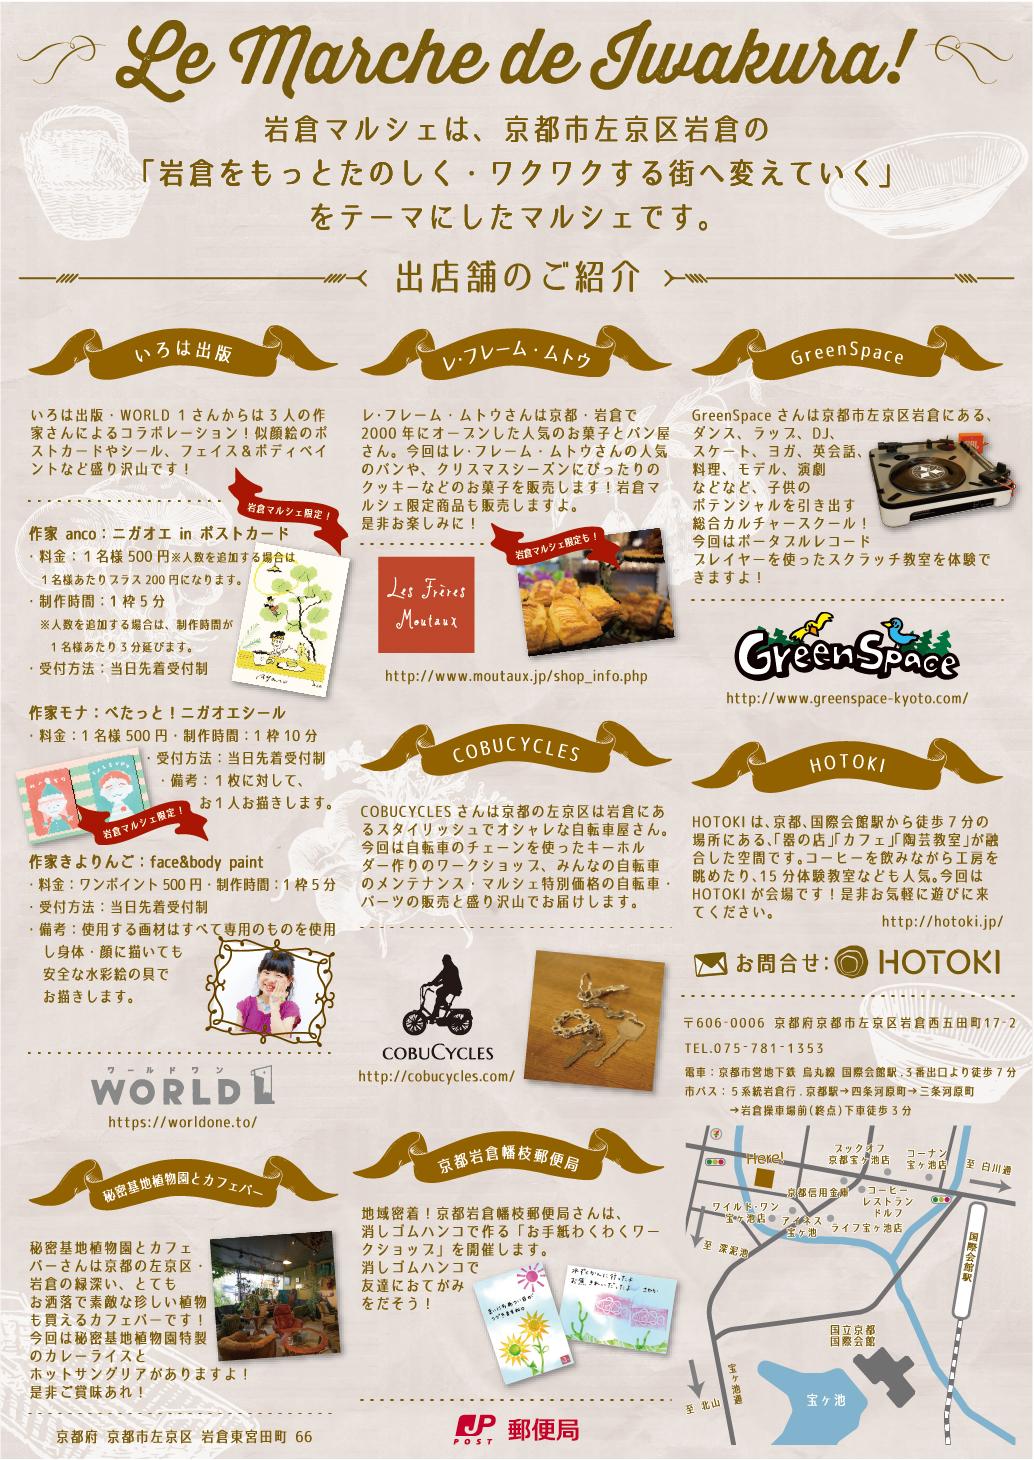 finilized-20161104iwakura-marche-back